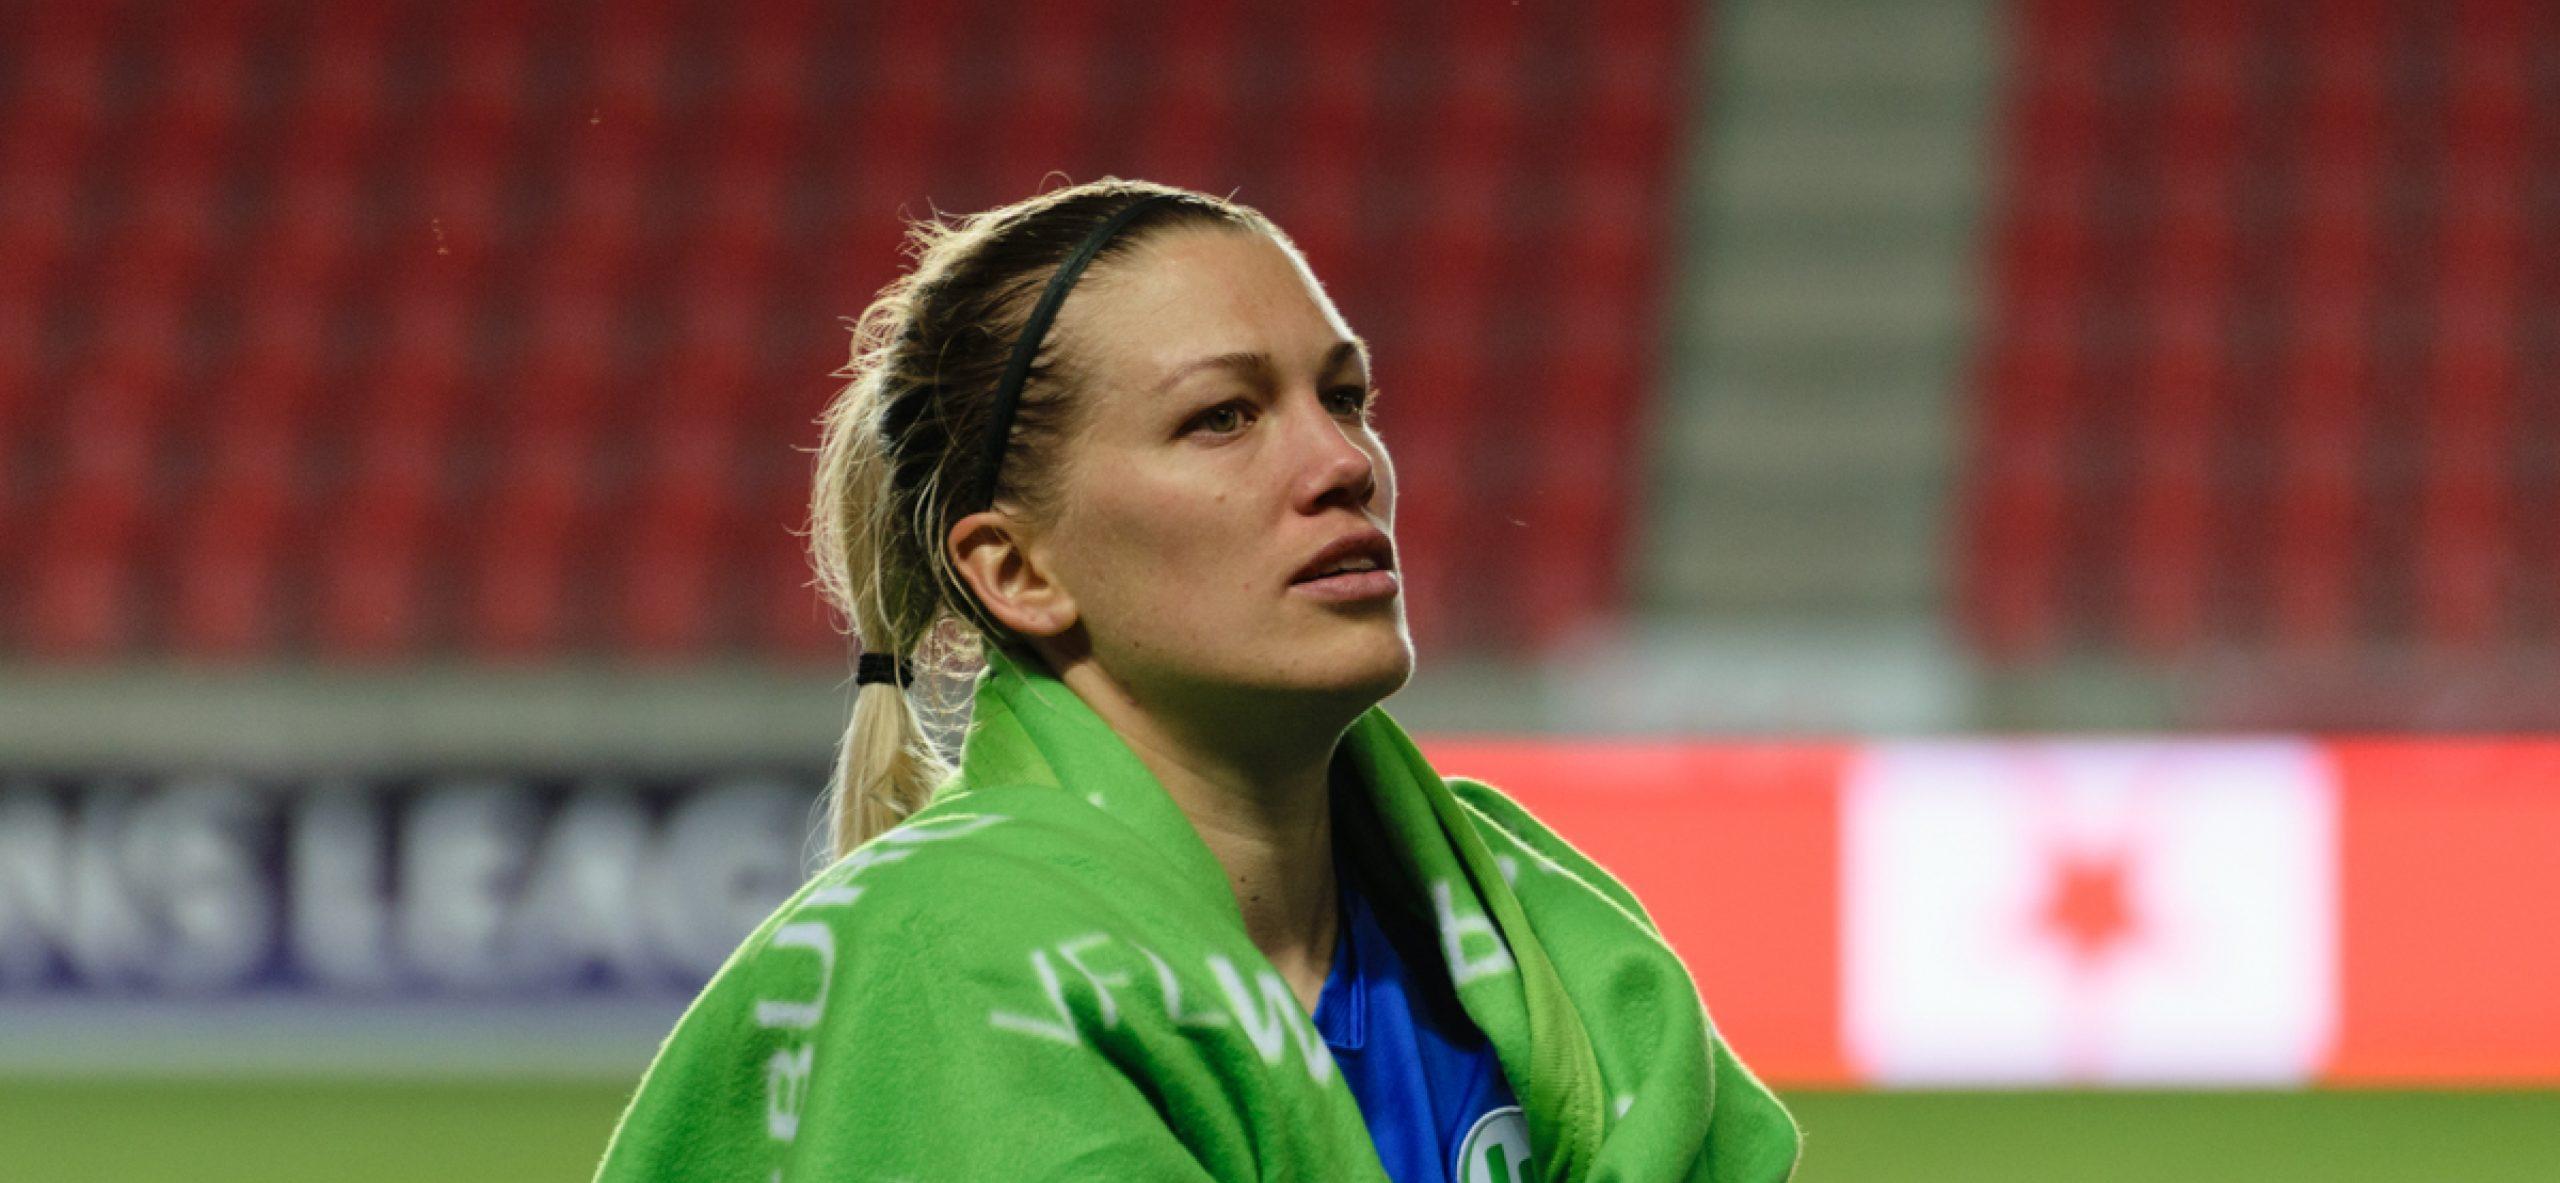 Lara Dickenmann enveloppée dans une couverture aux couleurs et logo de Wolfsburg